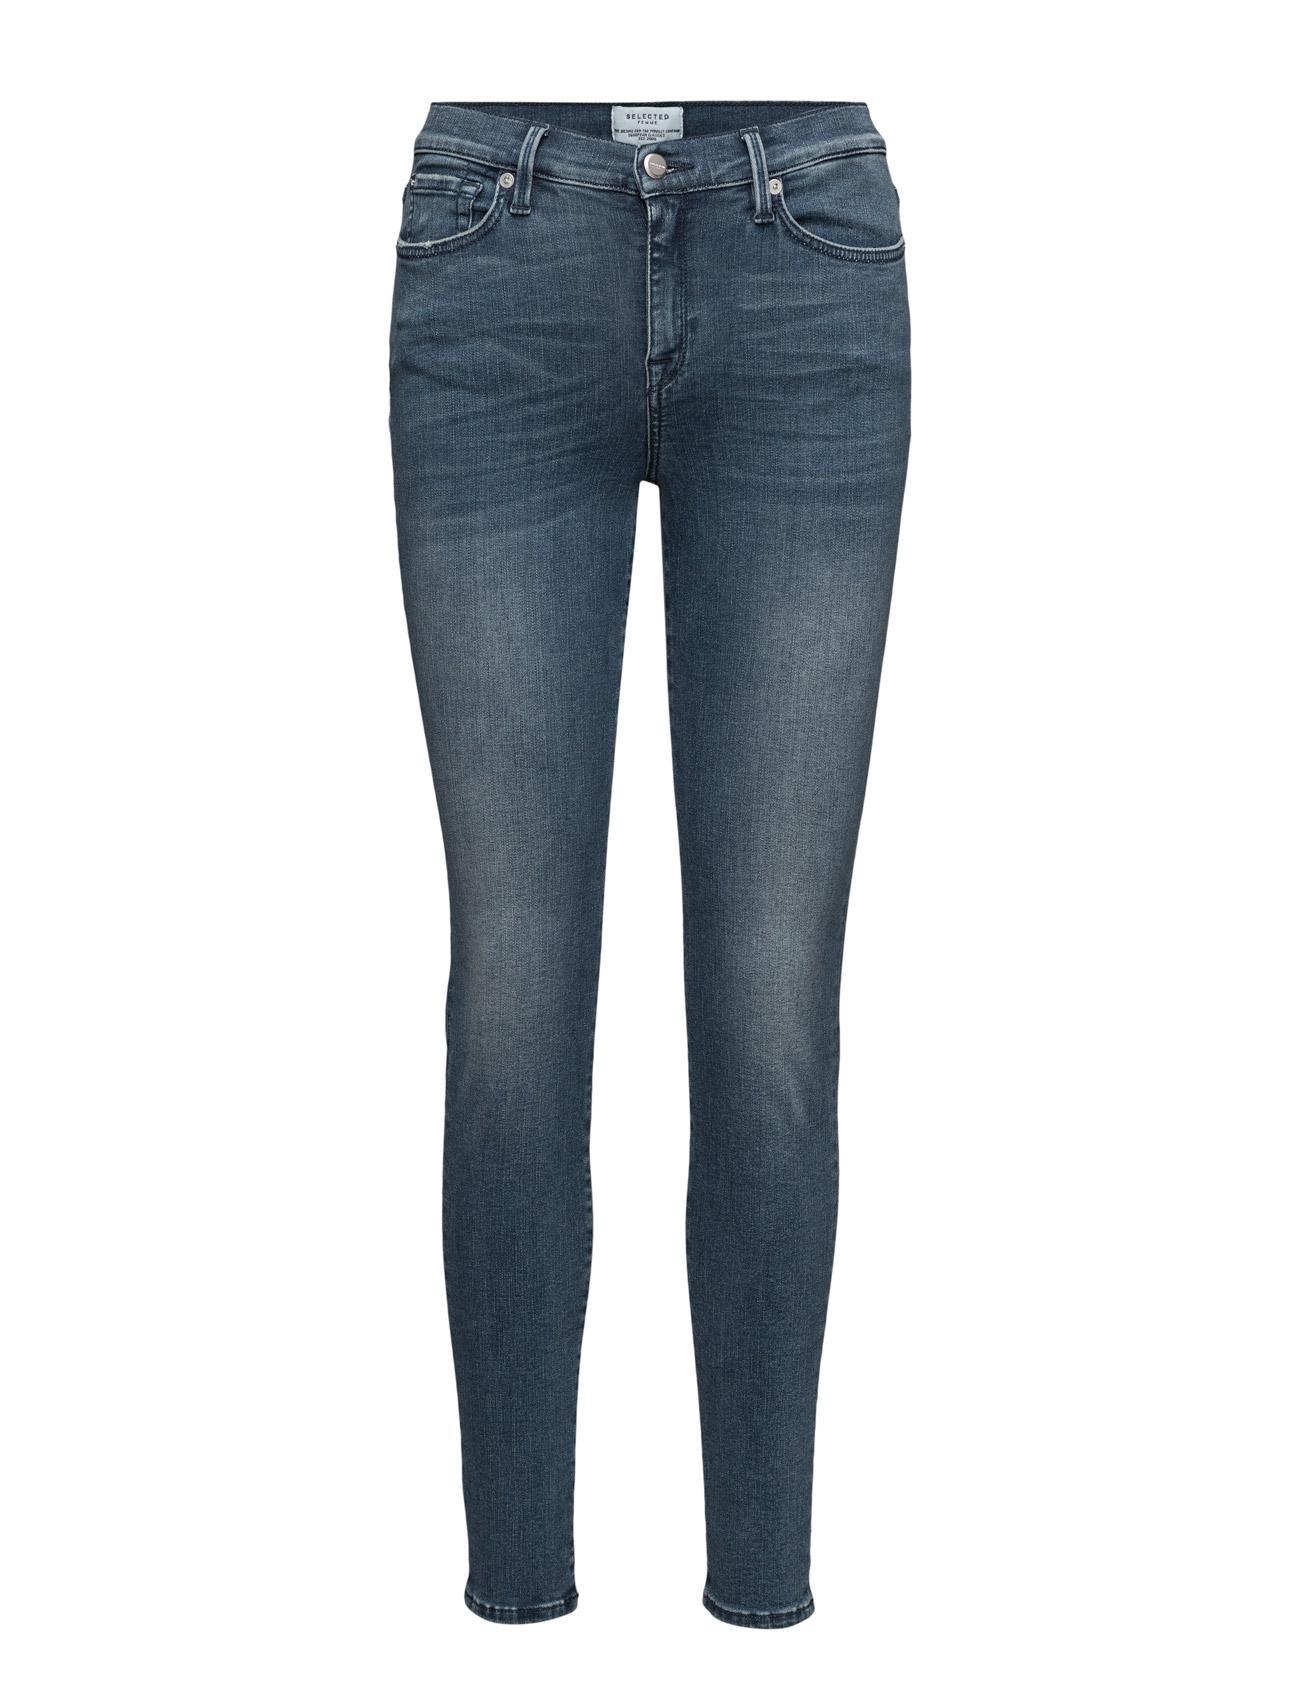 Sfsophie Hr 1 Jeans Vintage Blue Noos Selected Femme Jeans til Kvinder i